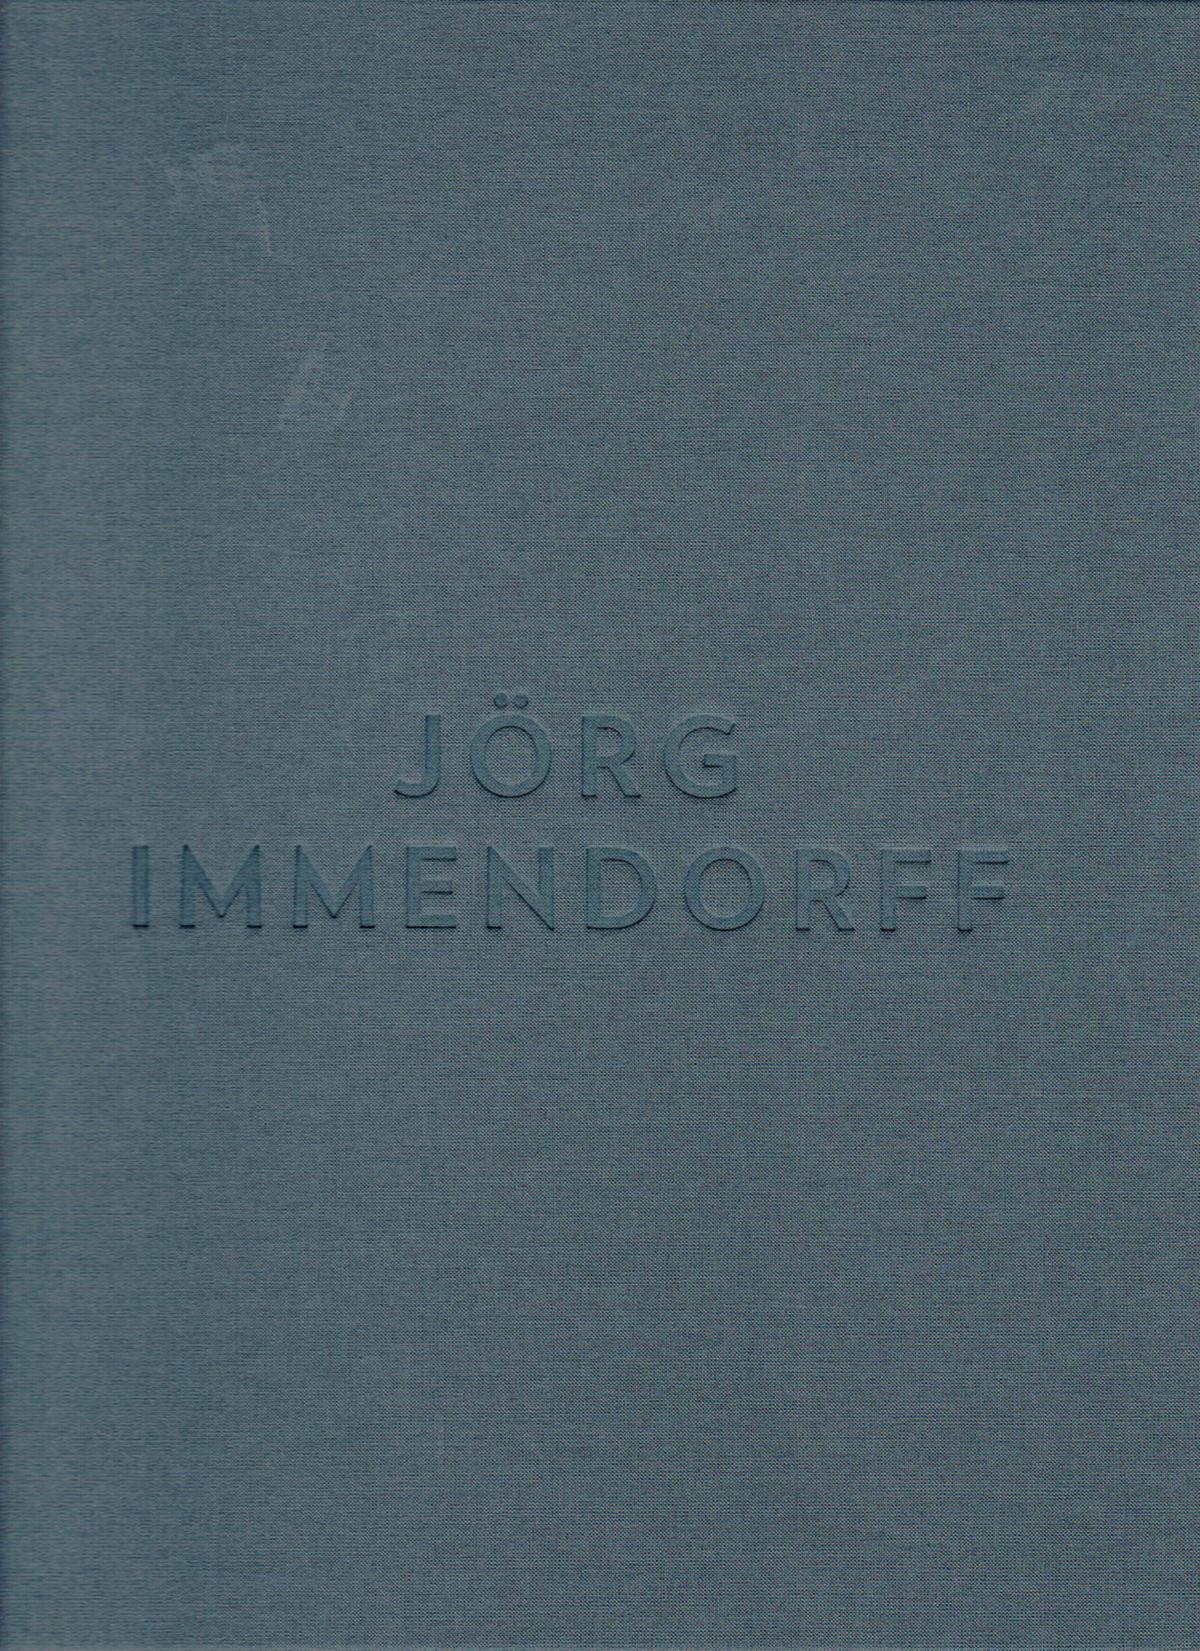 Katalog Immendorff, Budapest